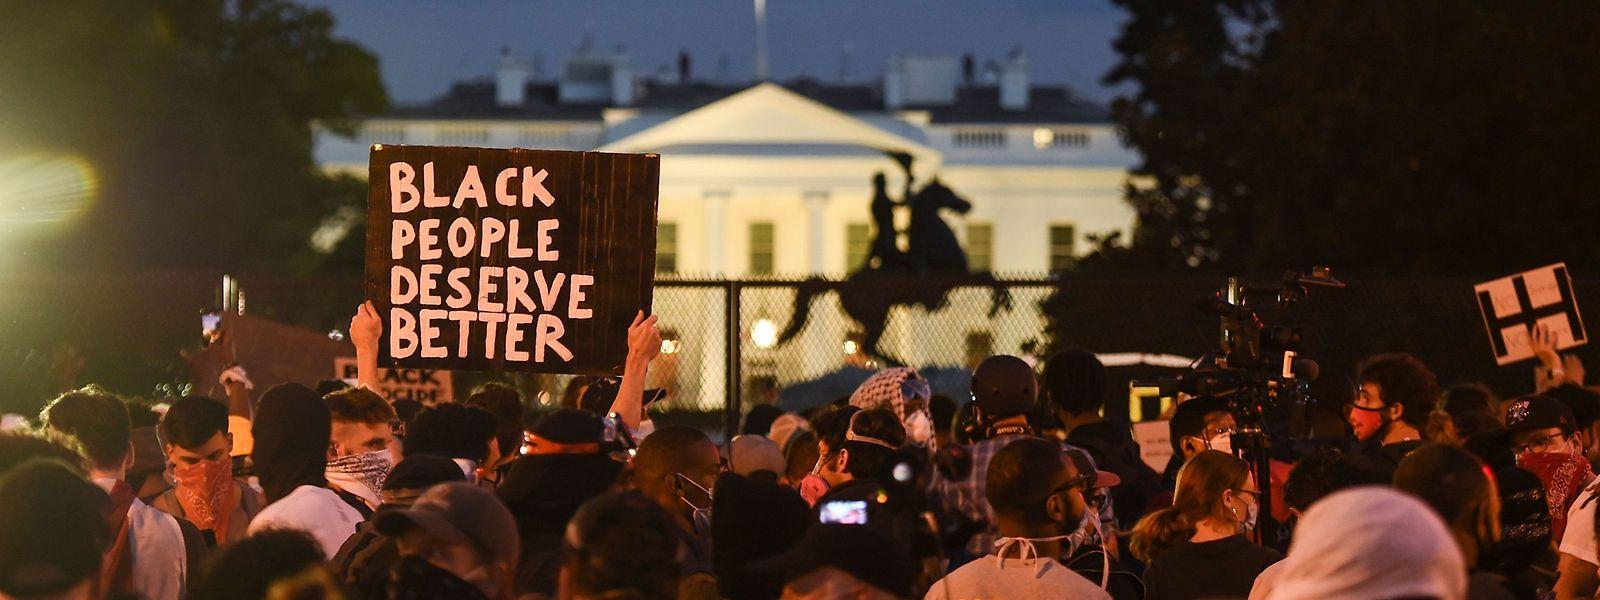 Proteste am Dienstag vor dem Weißen Haus in Washington.